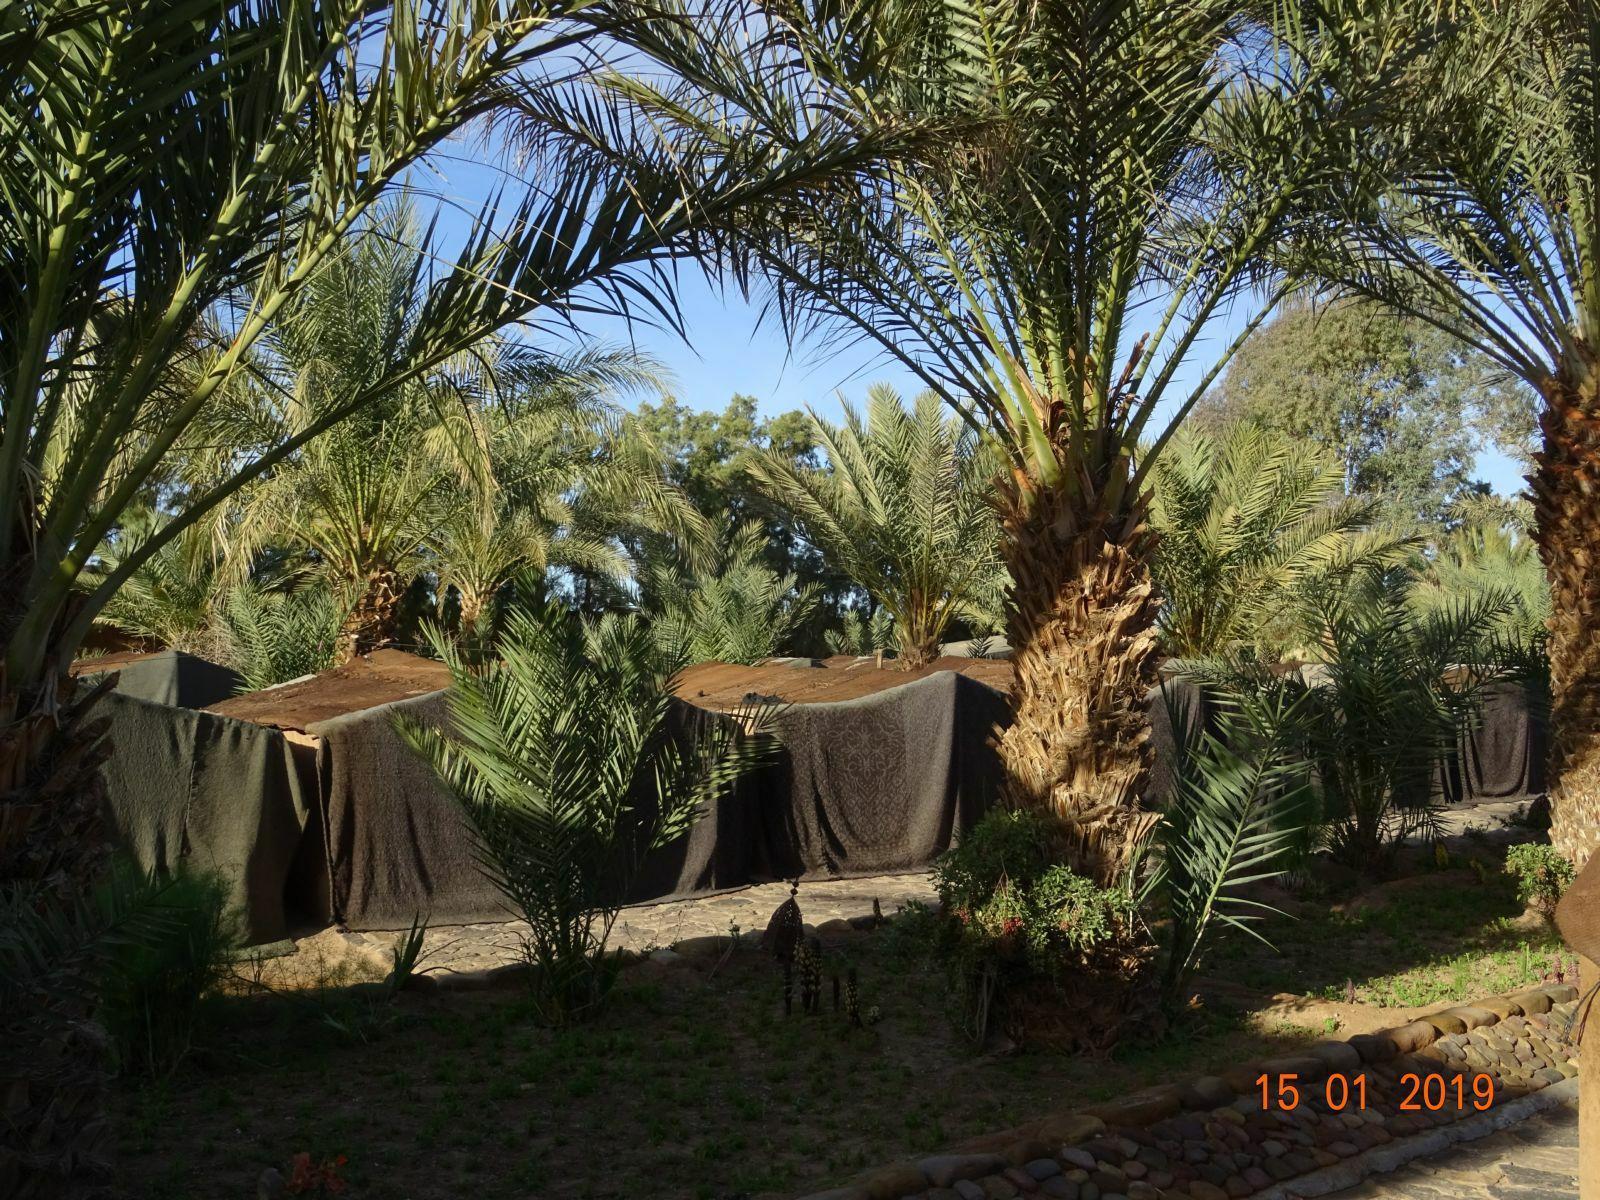 Les tentes berberes du camping 1